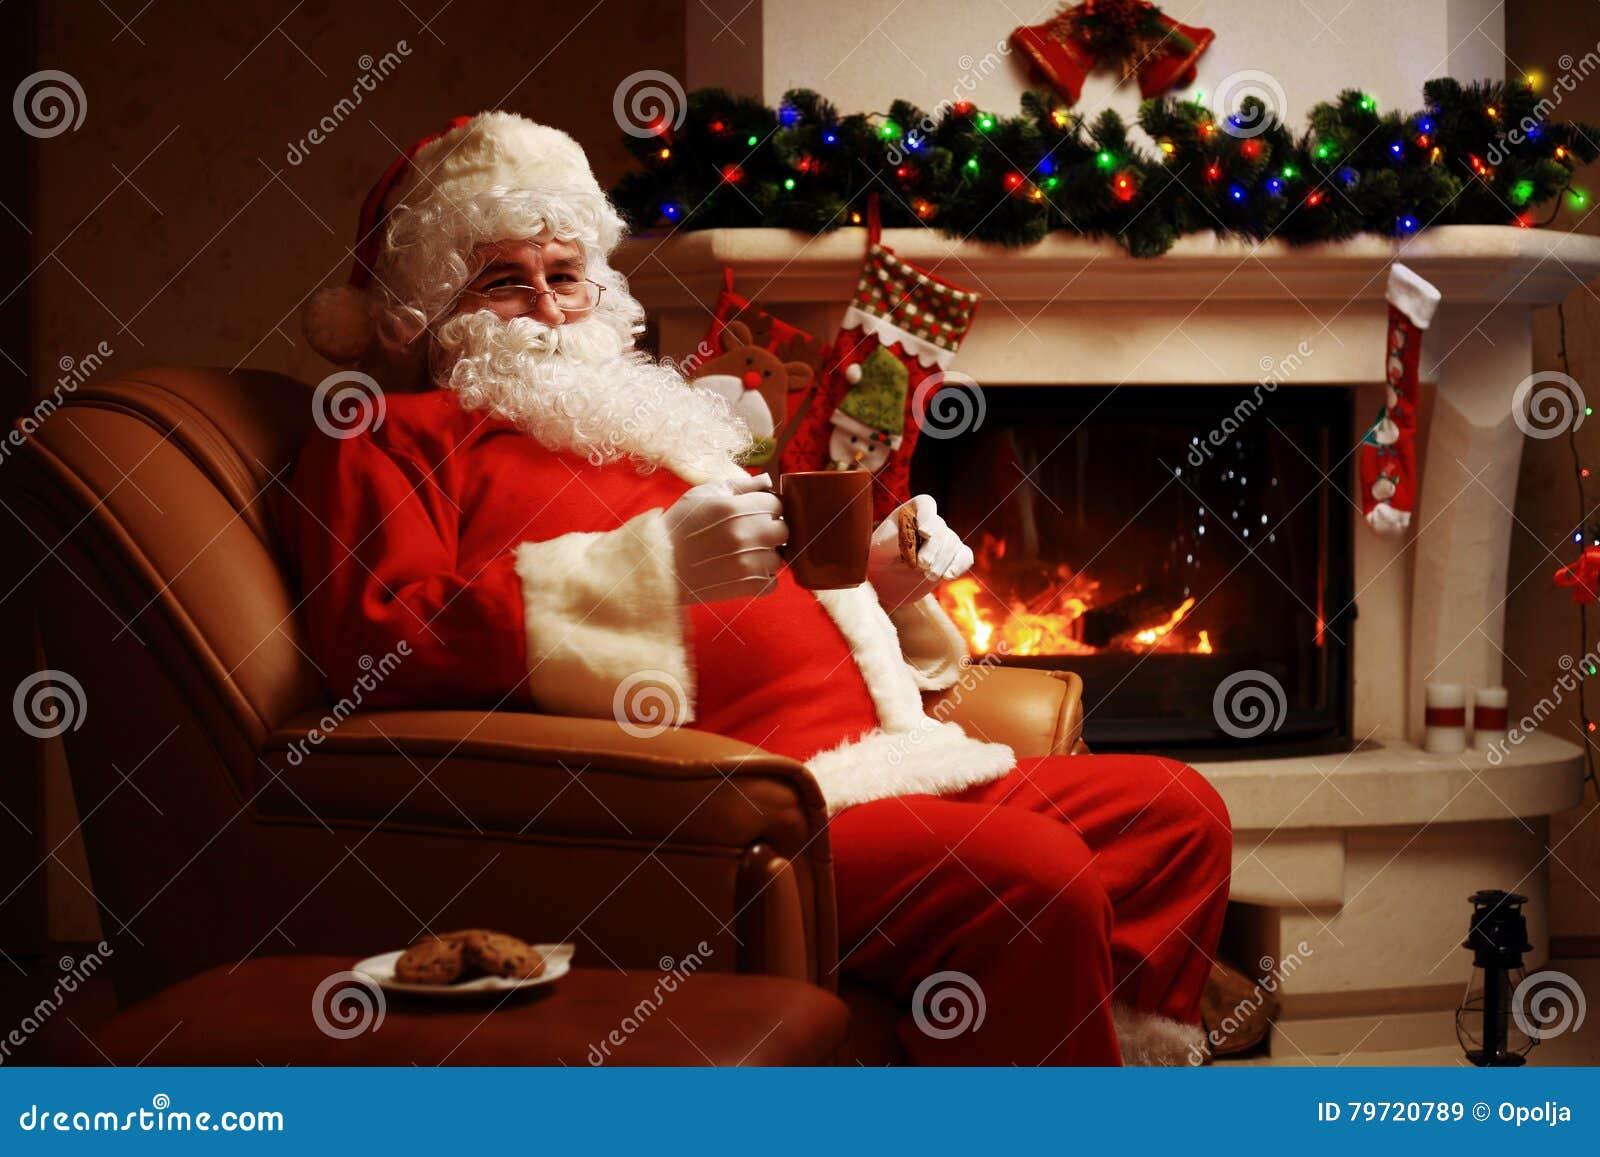 Camino Di Babbo Natale.Il Babbo Natale Che Ha Un Resto In Una Presidenza Comoda